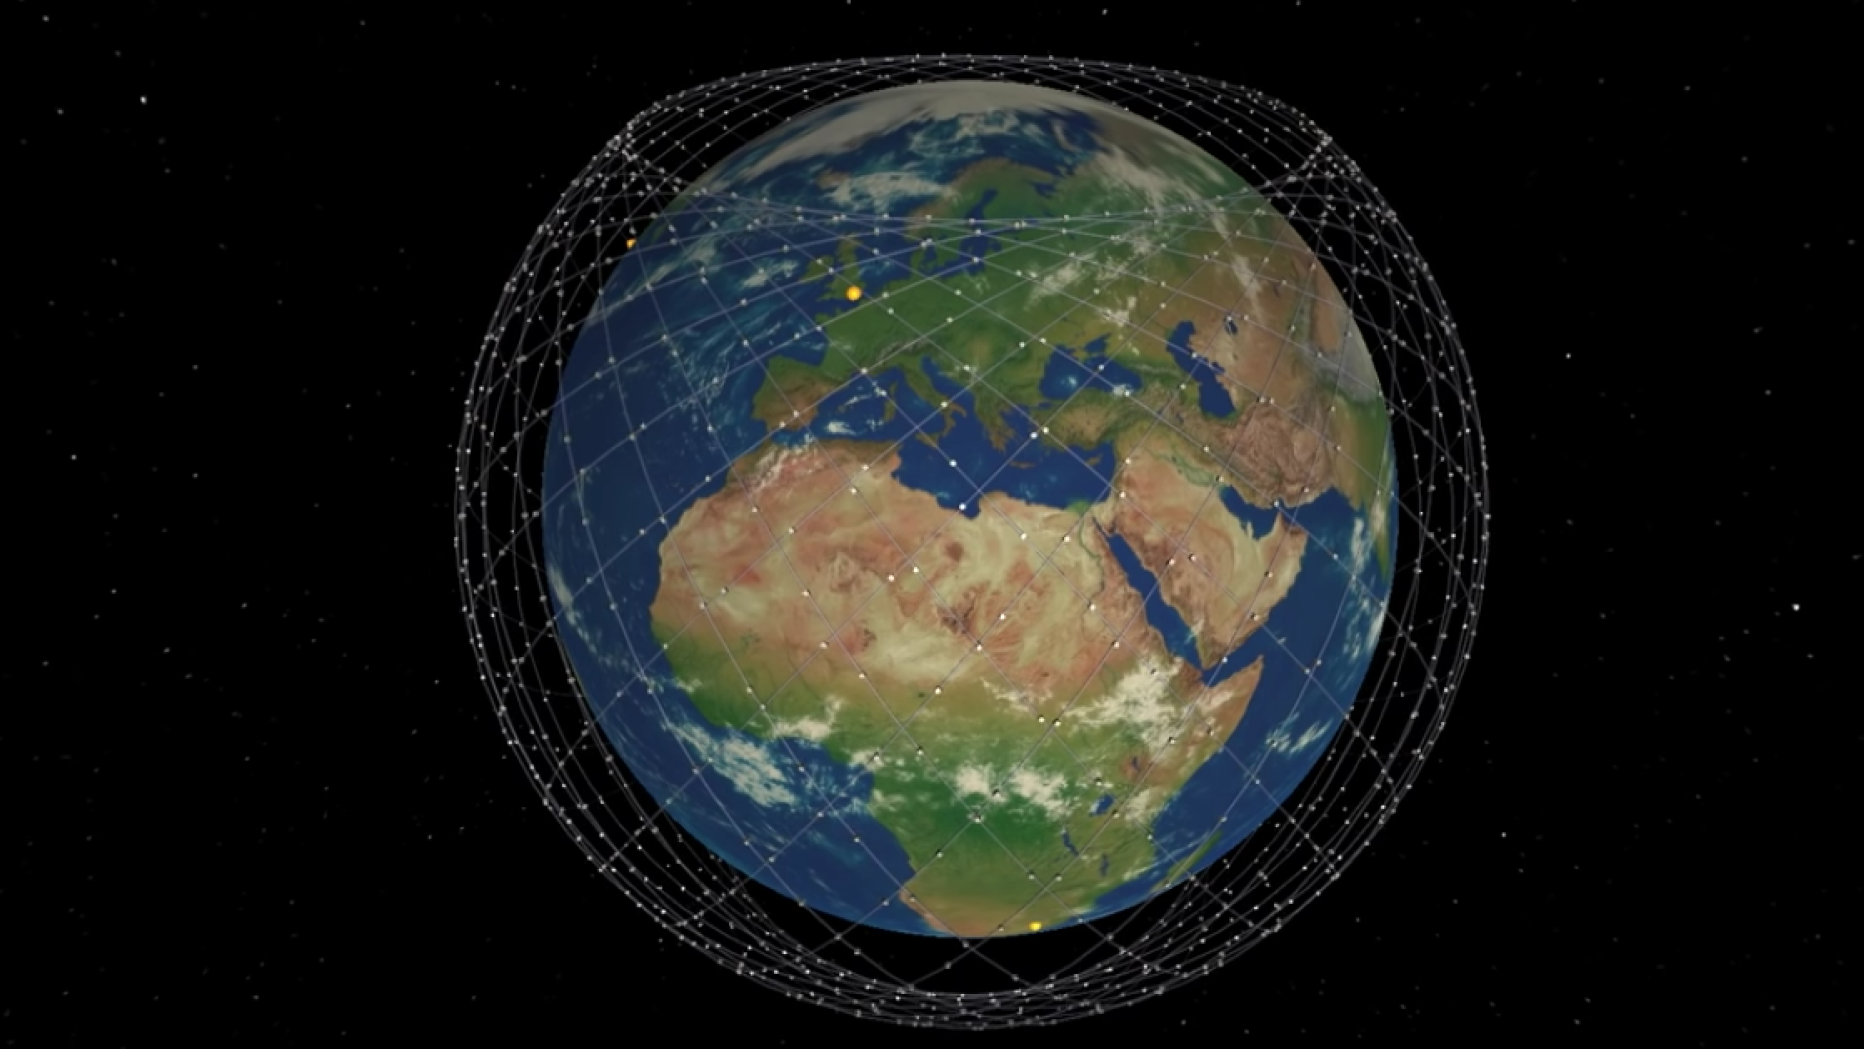 Neue Simulation zeigt, wie Musks Satelliten-Internet funktionieren soll